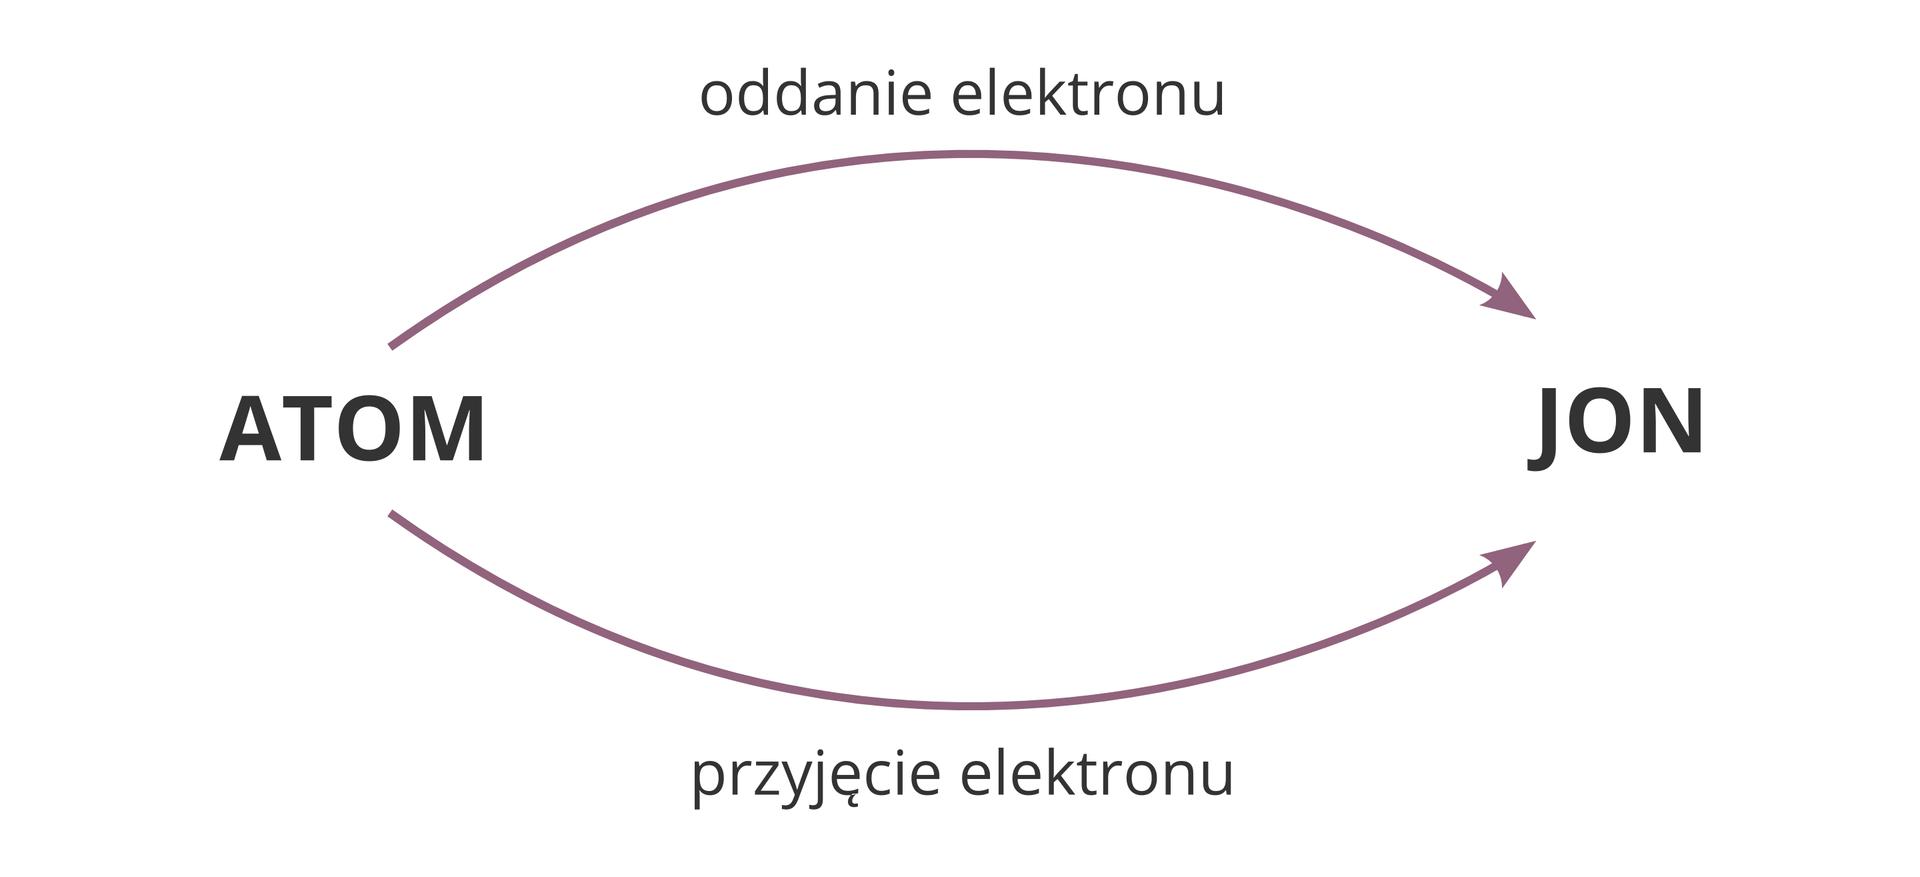 Schemat opisujący powstawanie jonu zatomu. Zlewej strony znajduje się słowo Atom, zaś zprawej Jon. Od Atomu do Jonu prowadzą dwie odrębne strzałki. Jedna opisana została jako Oddanie elektronu, adruga Przyjęcie elektronu.